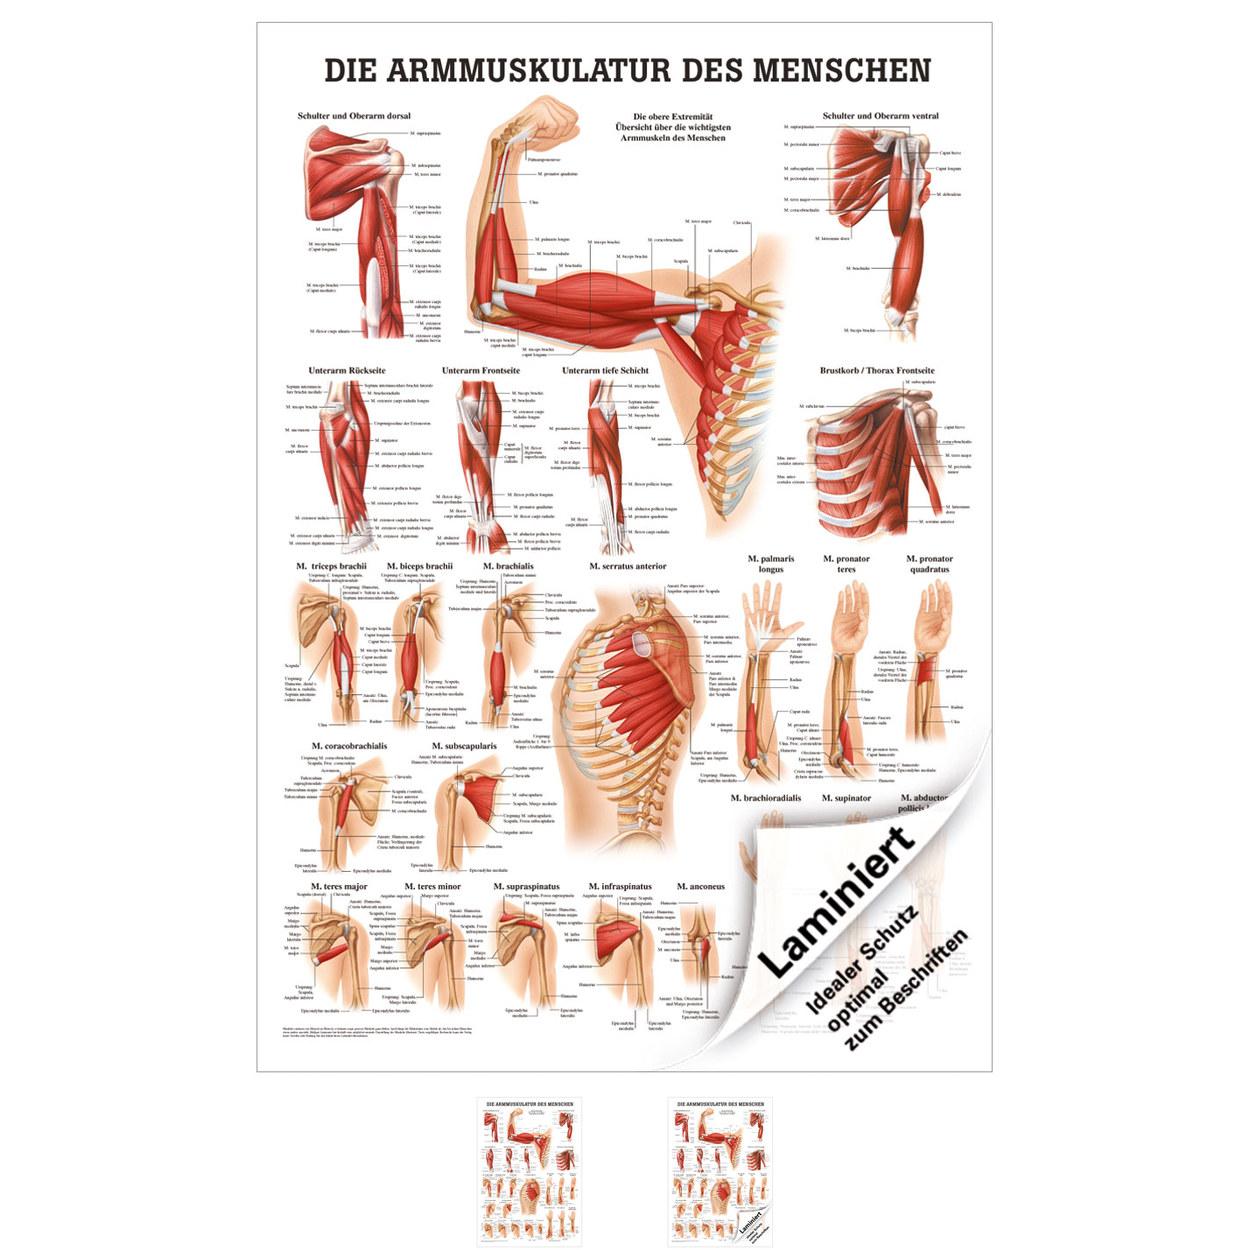 Ausgezeichnet Anatomie Linke Seite Unter Rippen Bilder - Anatomie ...